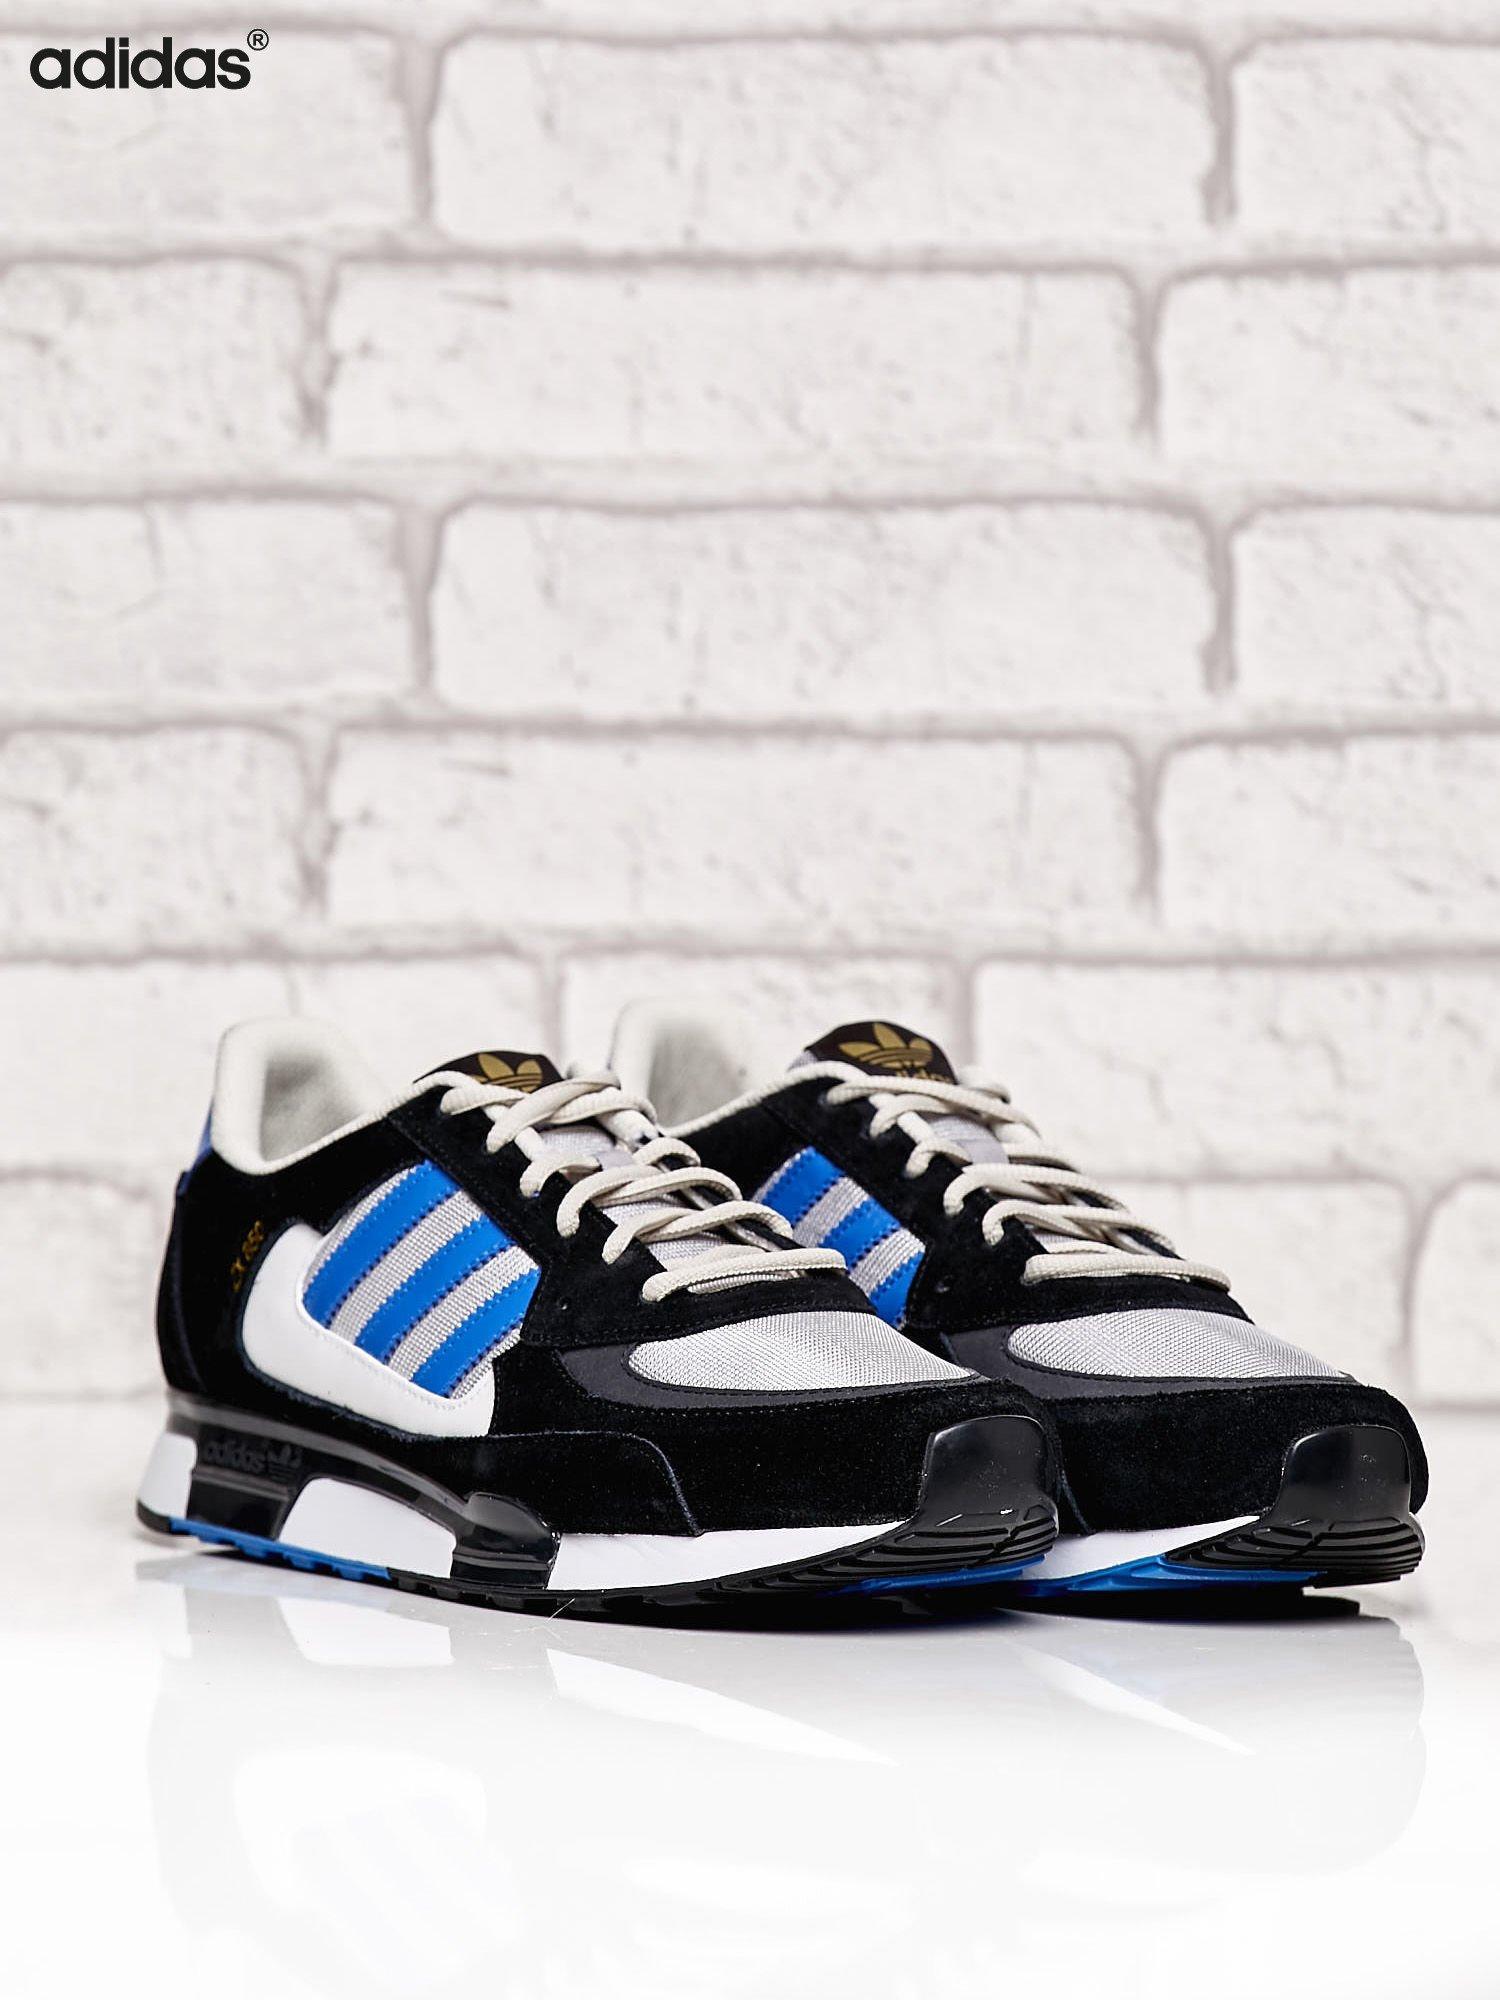 ADIDAS czarne buty męskie ZX 850 z niebieskimi modułami